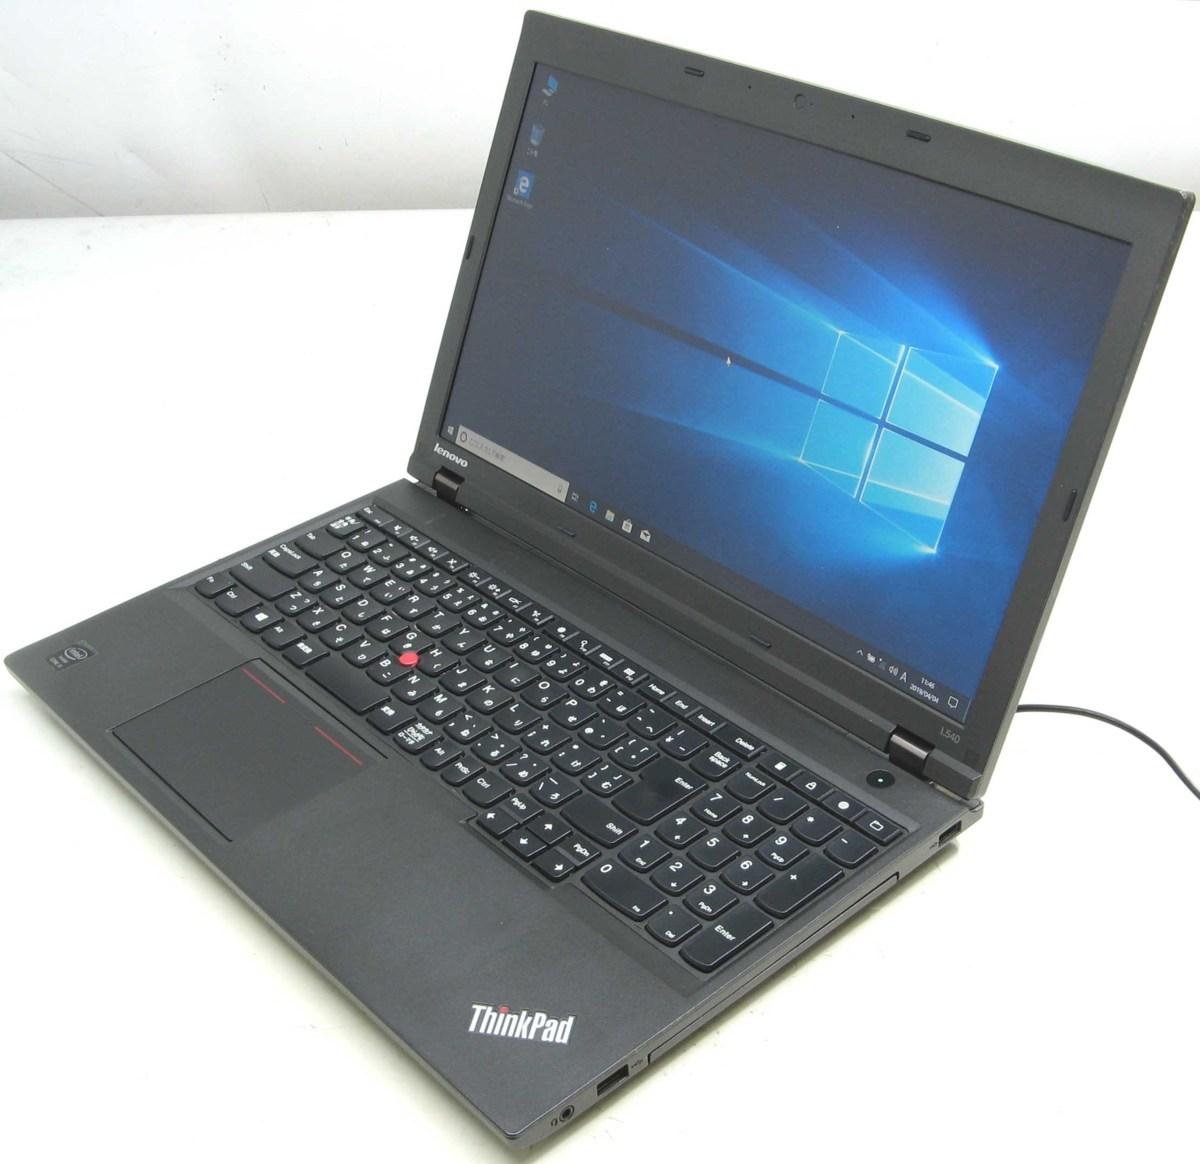 中古ノートパソコン Lenovo ThinkPad 中古PC L540 ThinkPad 20AUS05A00 レノボ IBM HDD500GB Windows10 Corei5 メモリ4GB HDD500GB 15.6インチ 無線 Bluetooth DVDスーパーマルチ 中古パソコン 中古PC, 色麻町:0928145a --- acessoverde.com